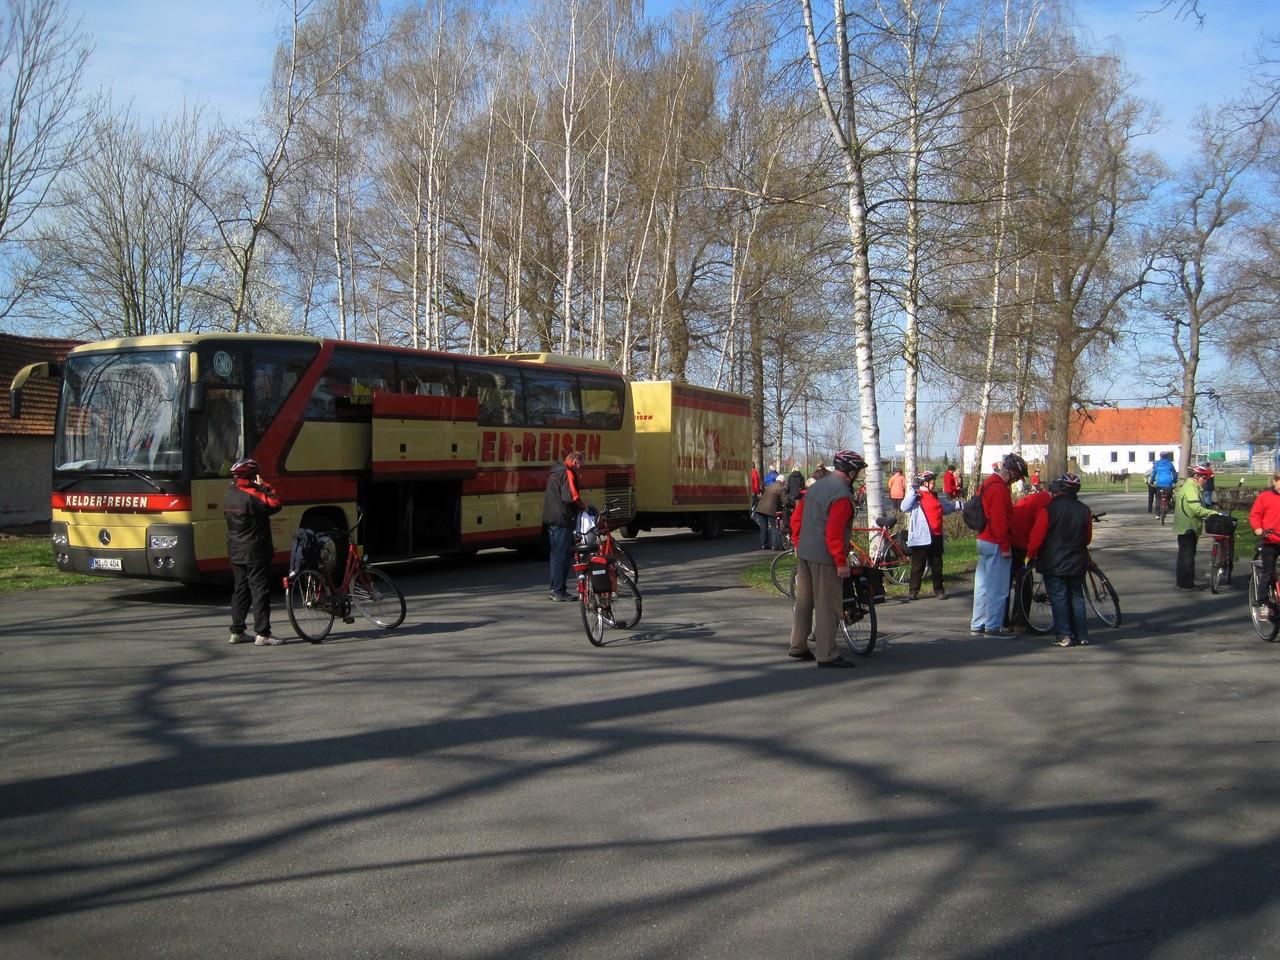 Startplatz in Stemwede-Destel